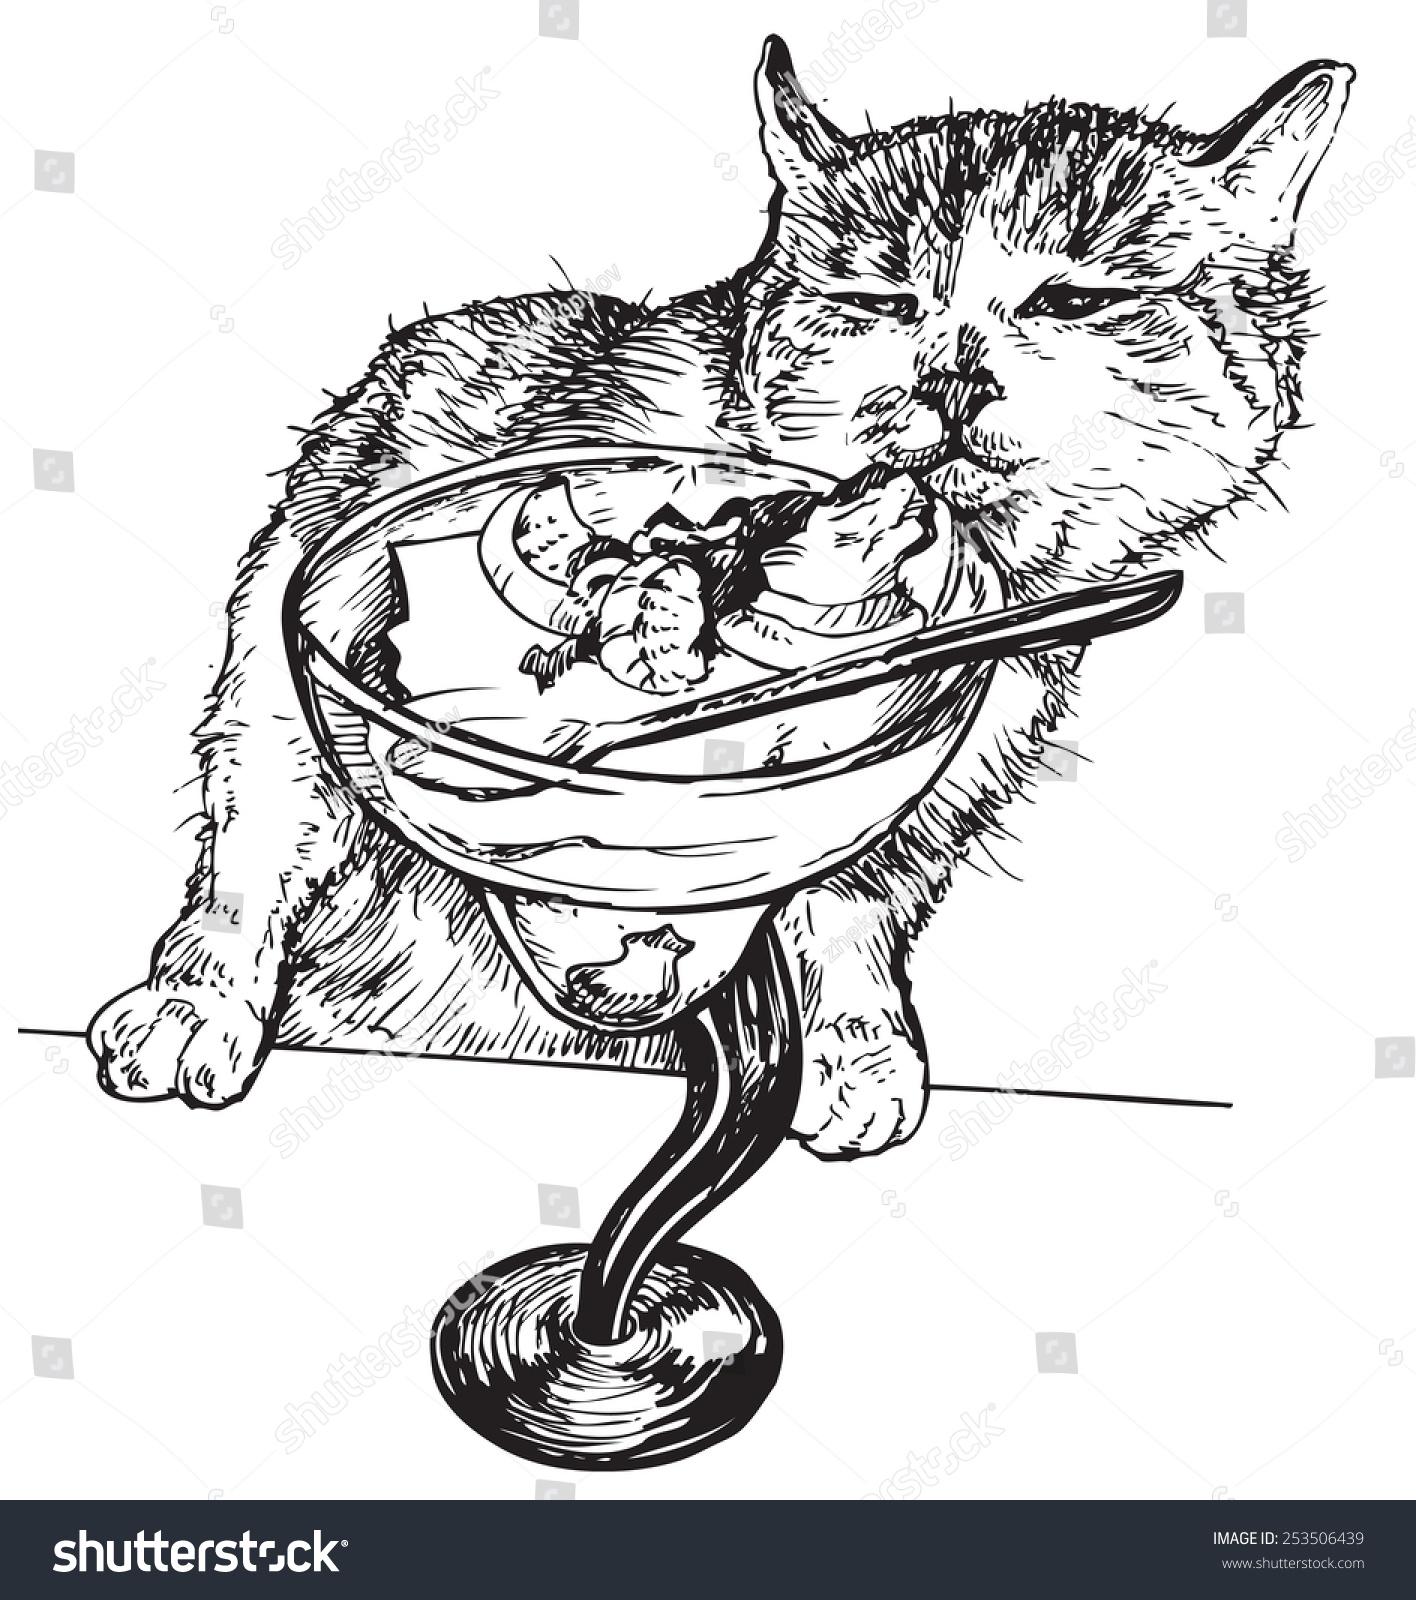 动物和他们粑粑的对比图简笔画